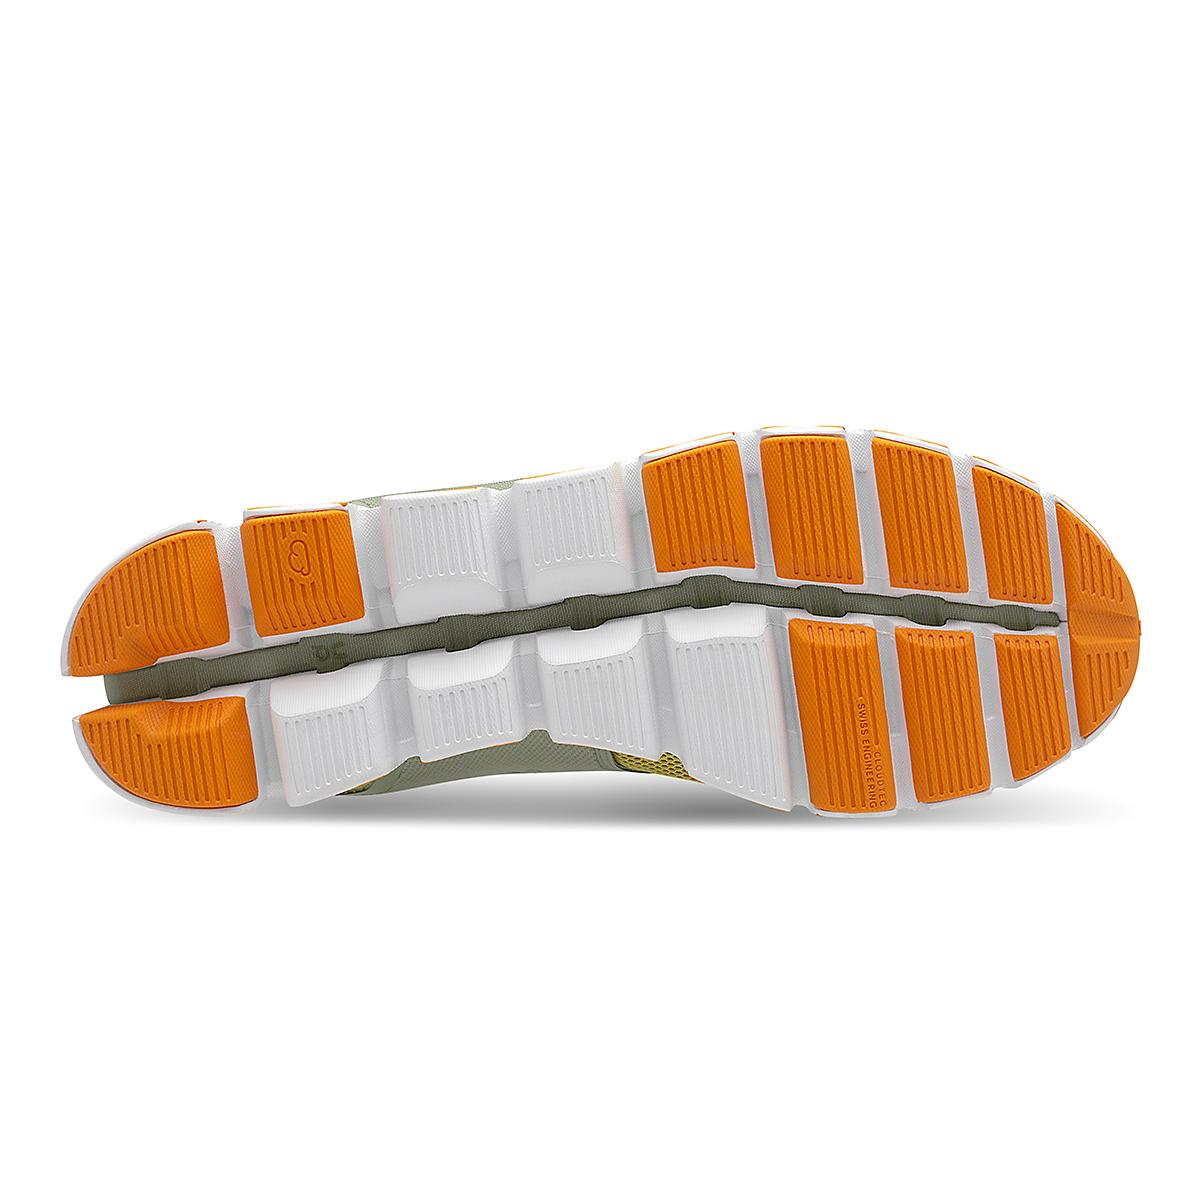 Men's On Cloud 70/30 Lifestyle Shoe - Color: Leaf/Mustard - Size: 7 - Width: Regular, Leaf/Mustard, large, image 2